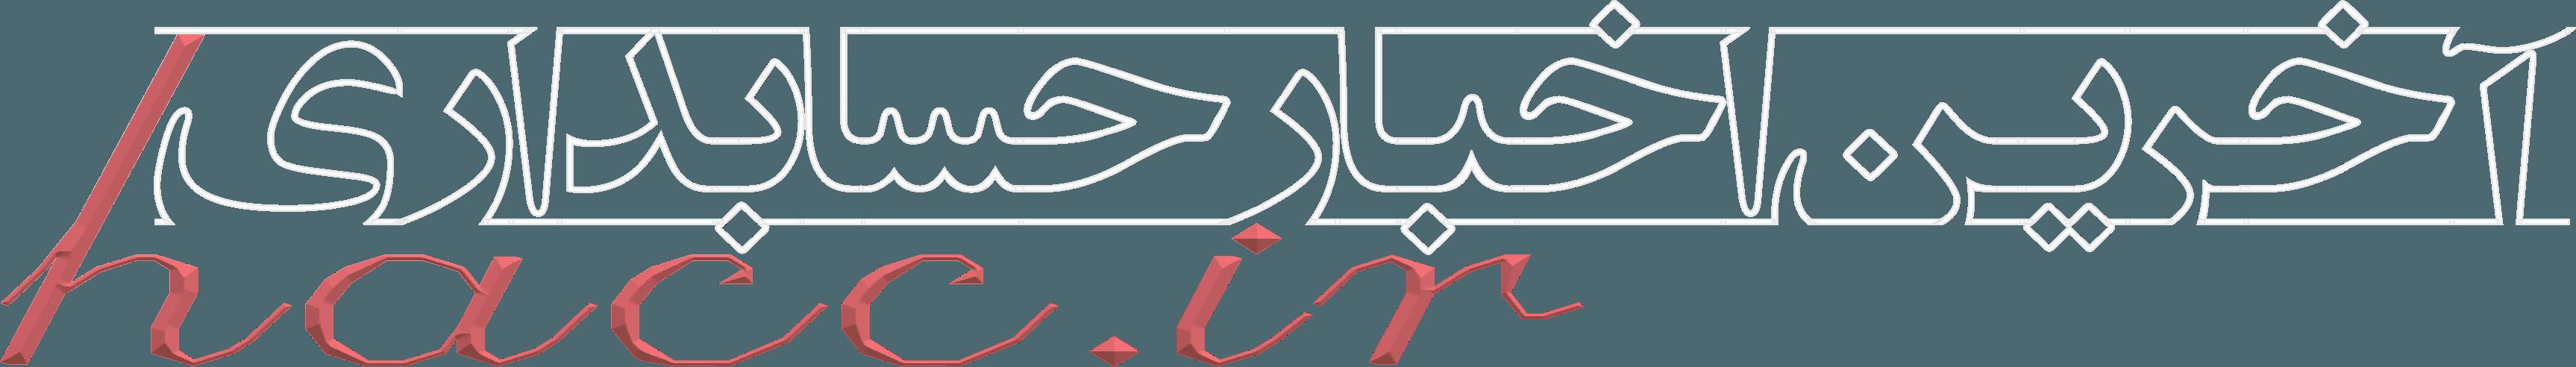 کلیه اخبار و بخشنامه ها و قوانین روز